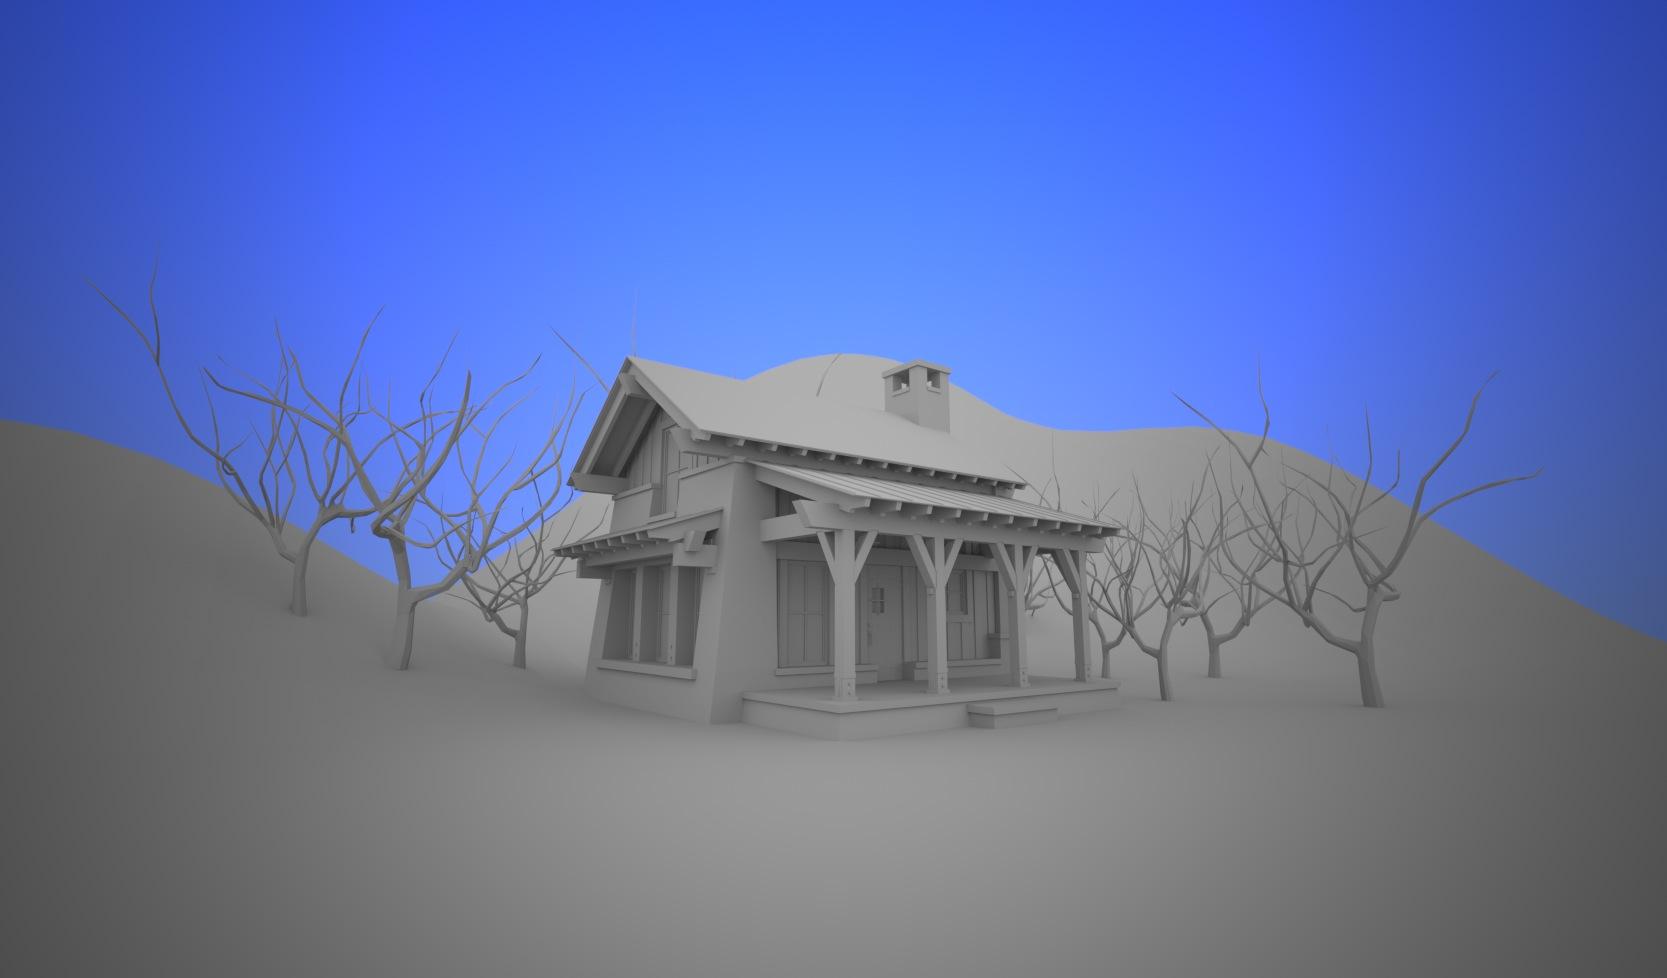 Colorado mountain cabin passive solar architect - 4.jpg